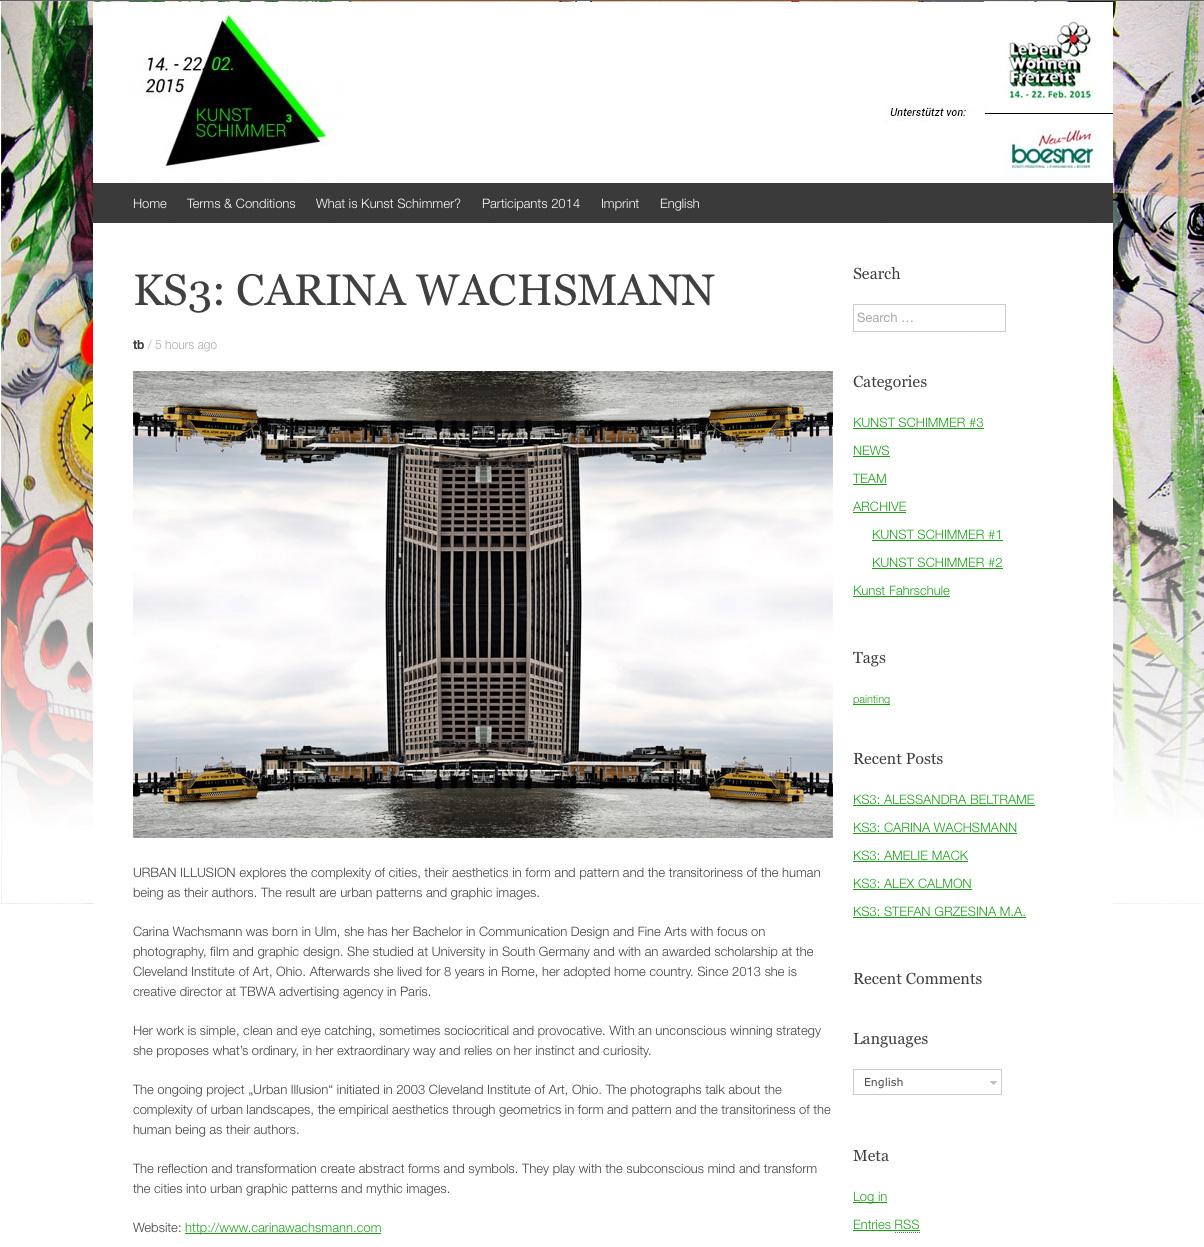 website-wachsmann-kunstschimmer.jpg